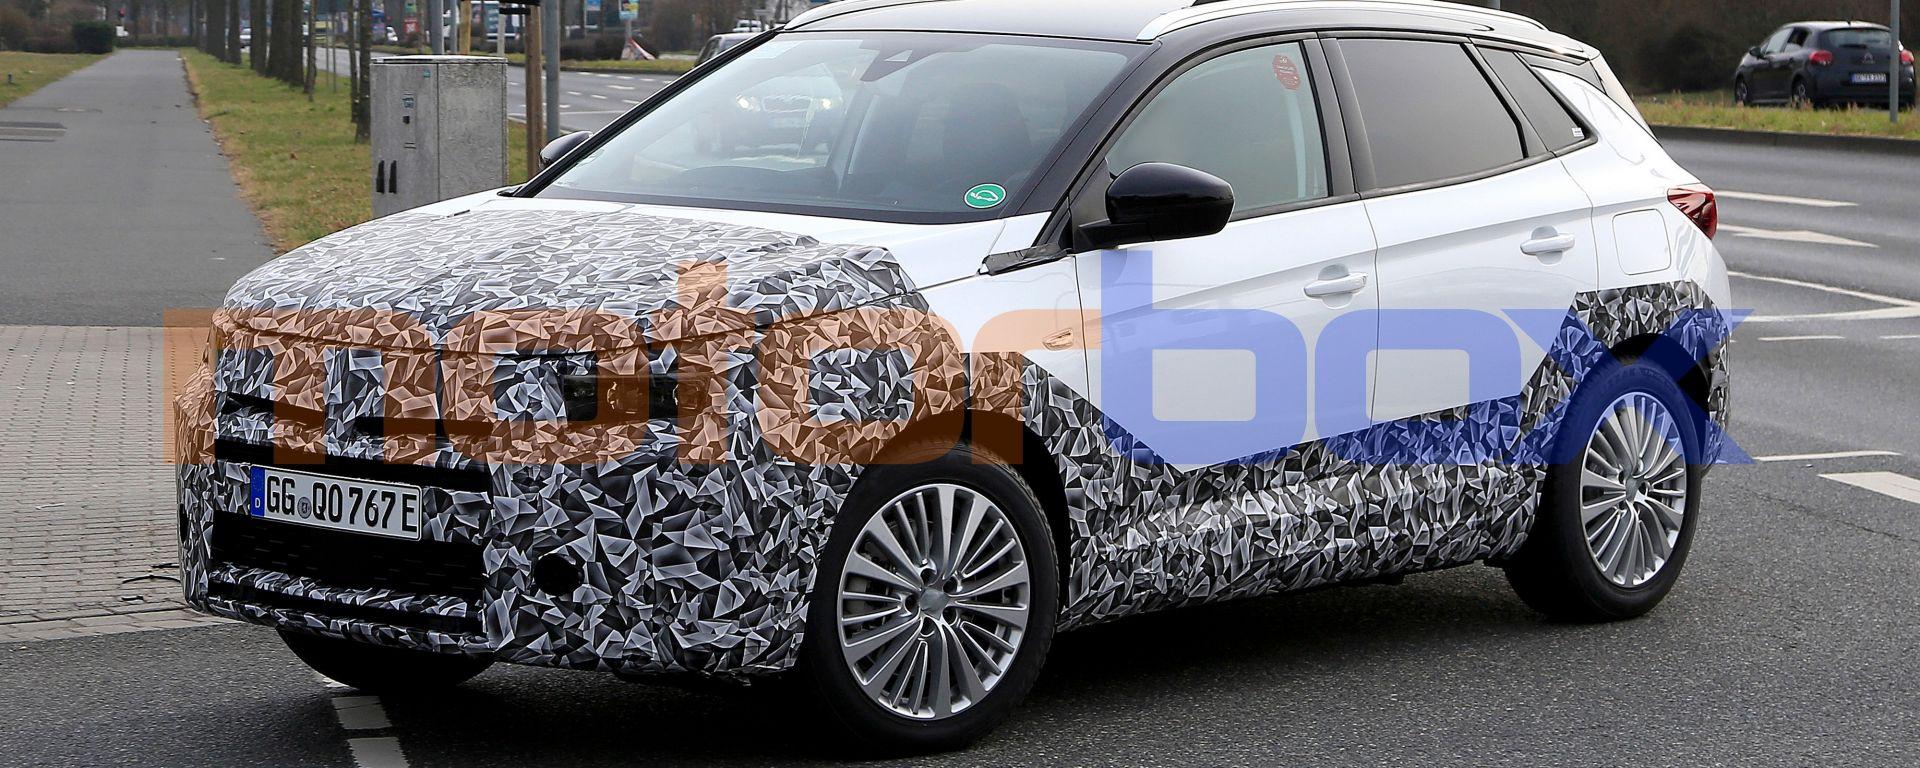 Nuova Opel Grandland: in arrivo il modello con l'aggiornamento di metà carriera